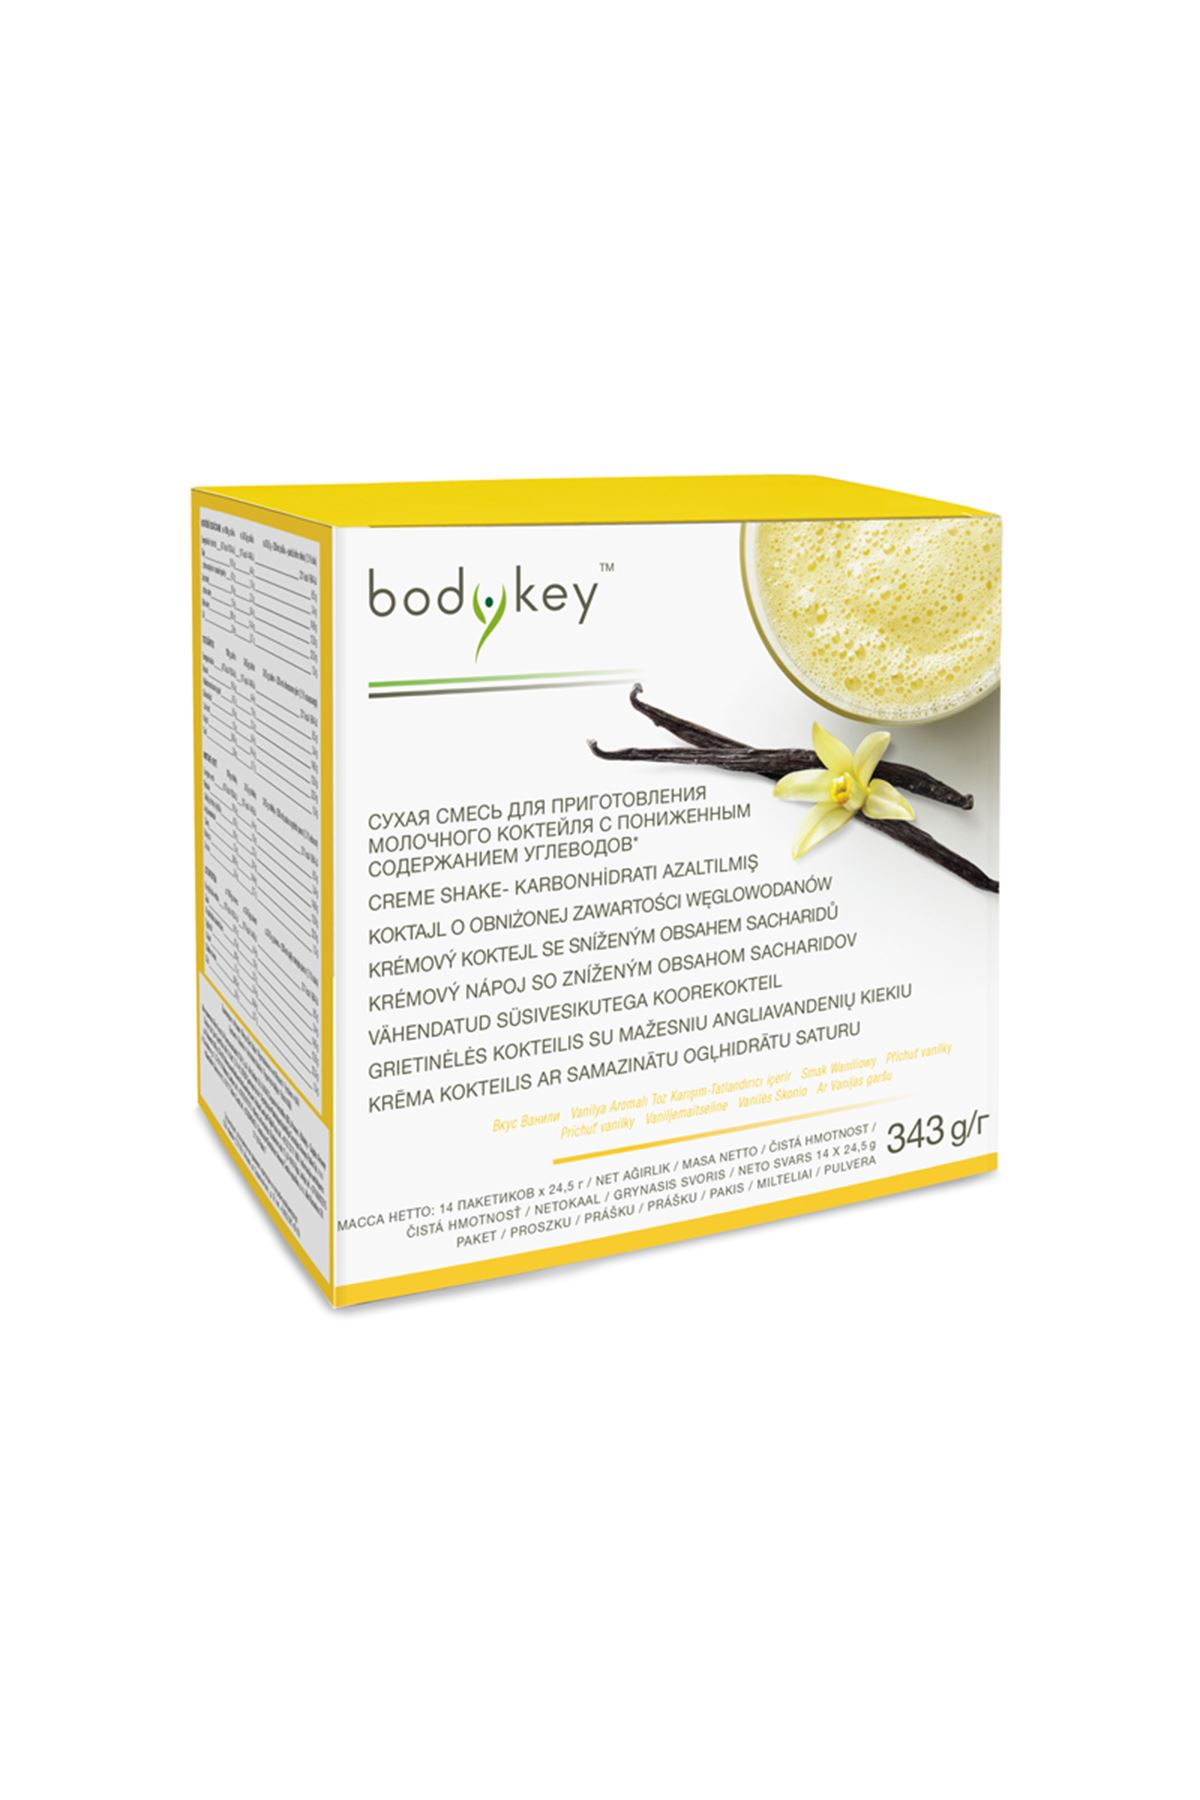 Karbonhidratı Azaltılmış Vanilya Aromalı Toz Karışım bodykey™